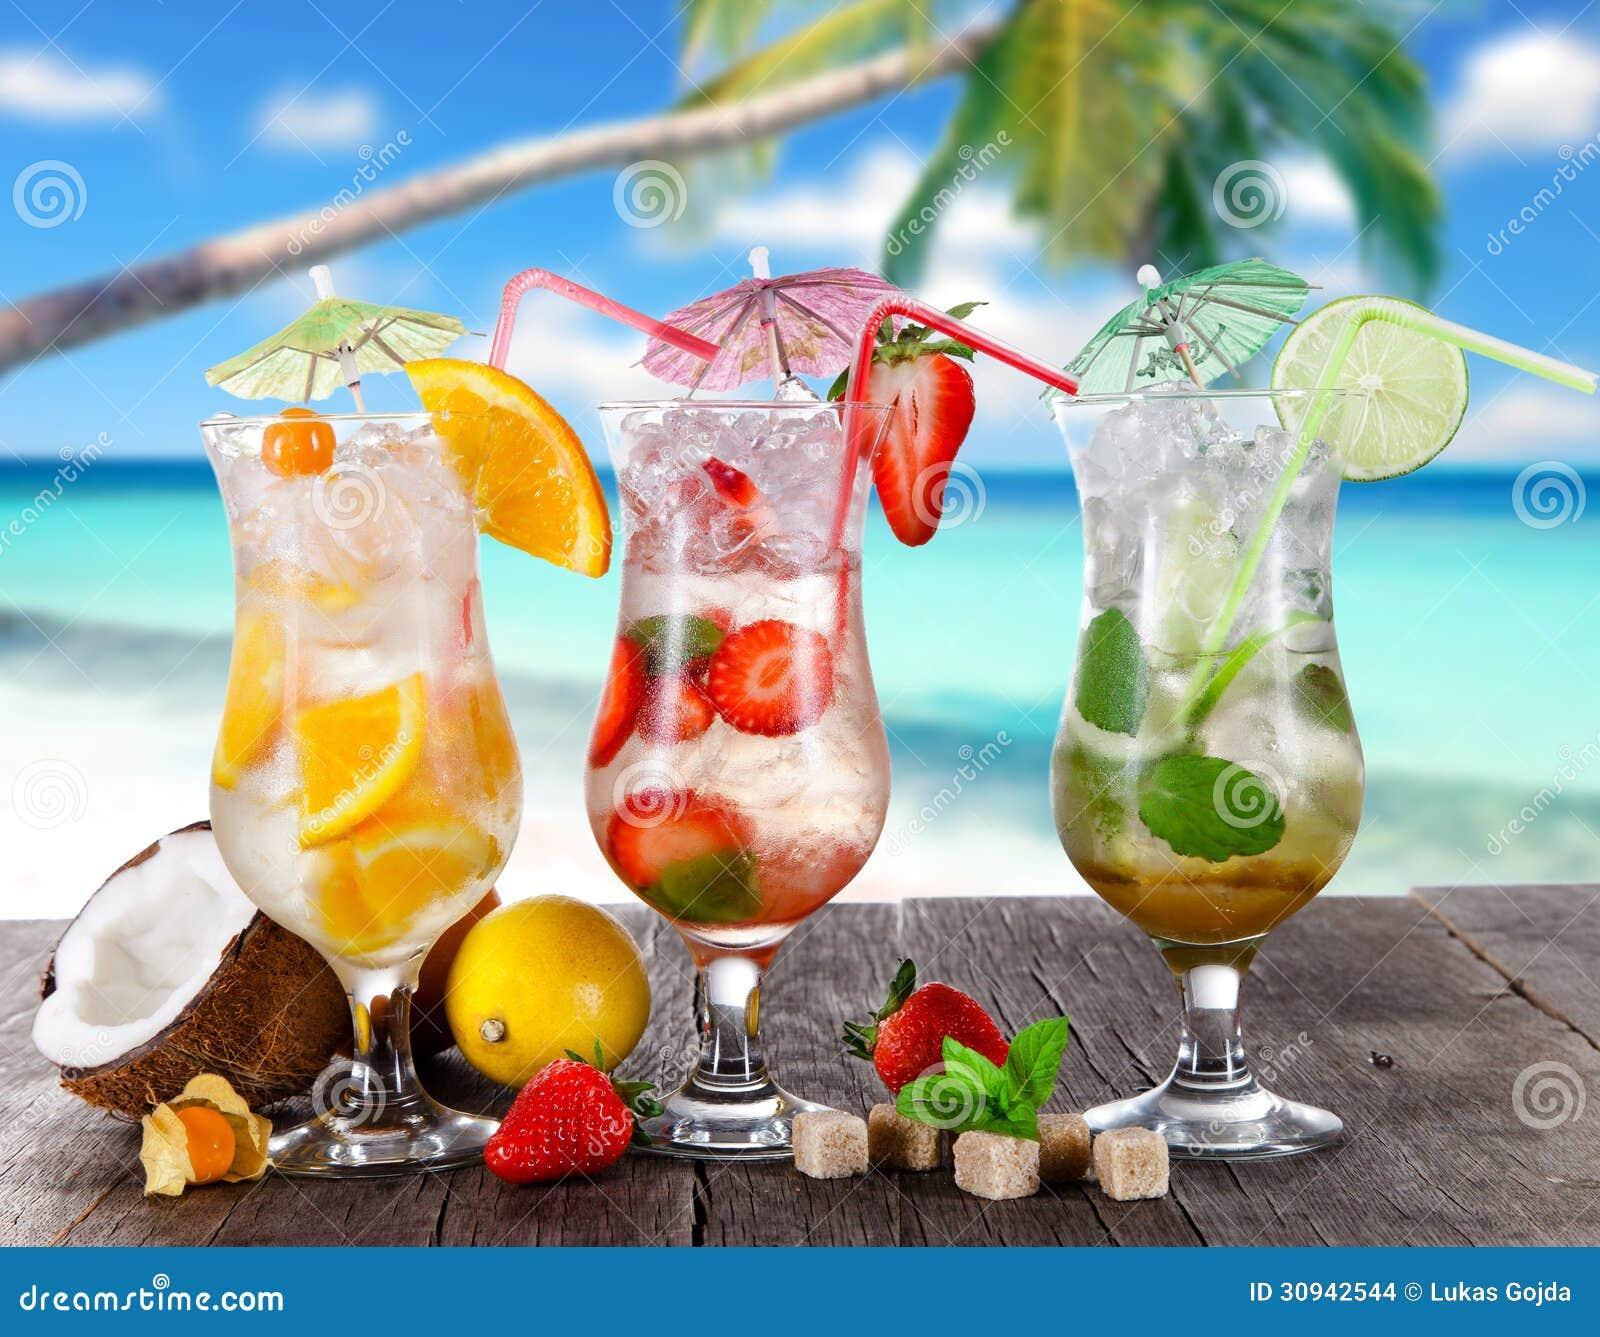 Sommergetränke Auf Dem Strand Stockfoto - Bild von kalt, palme: 30942544